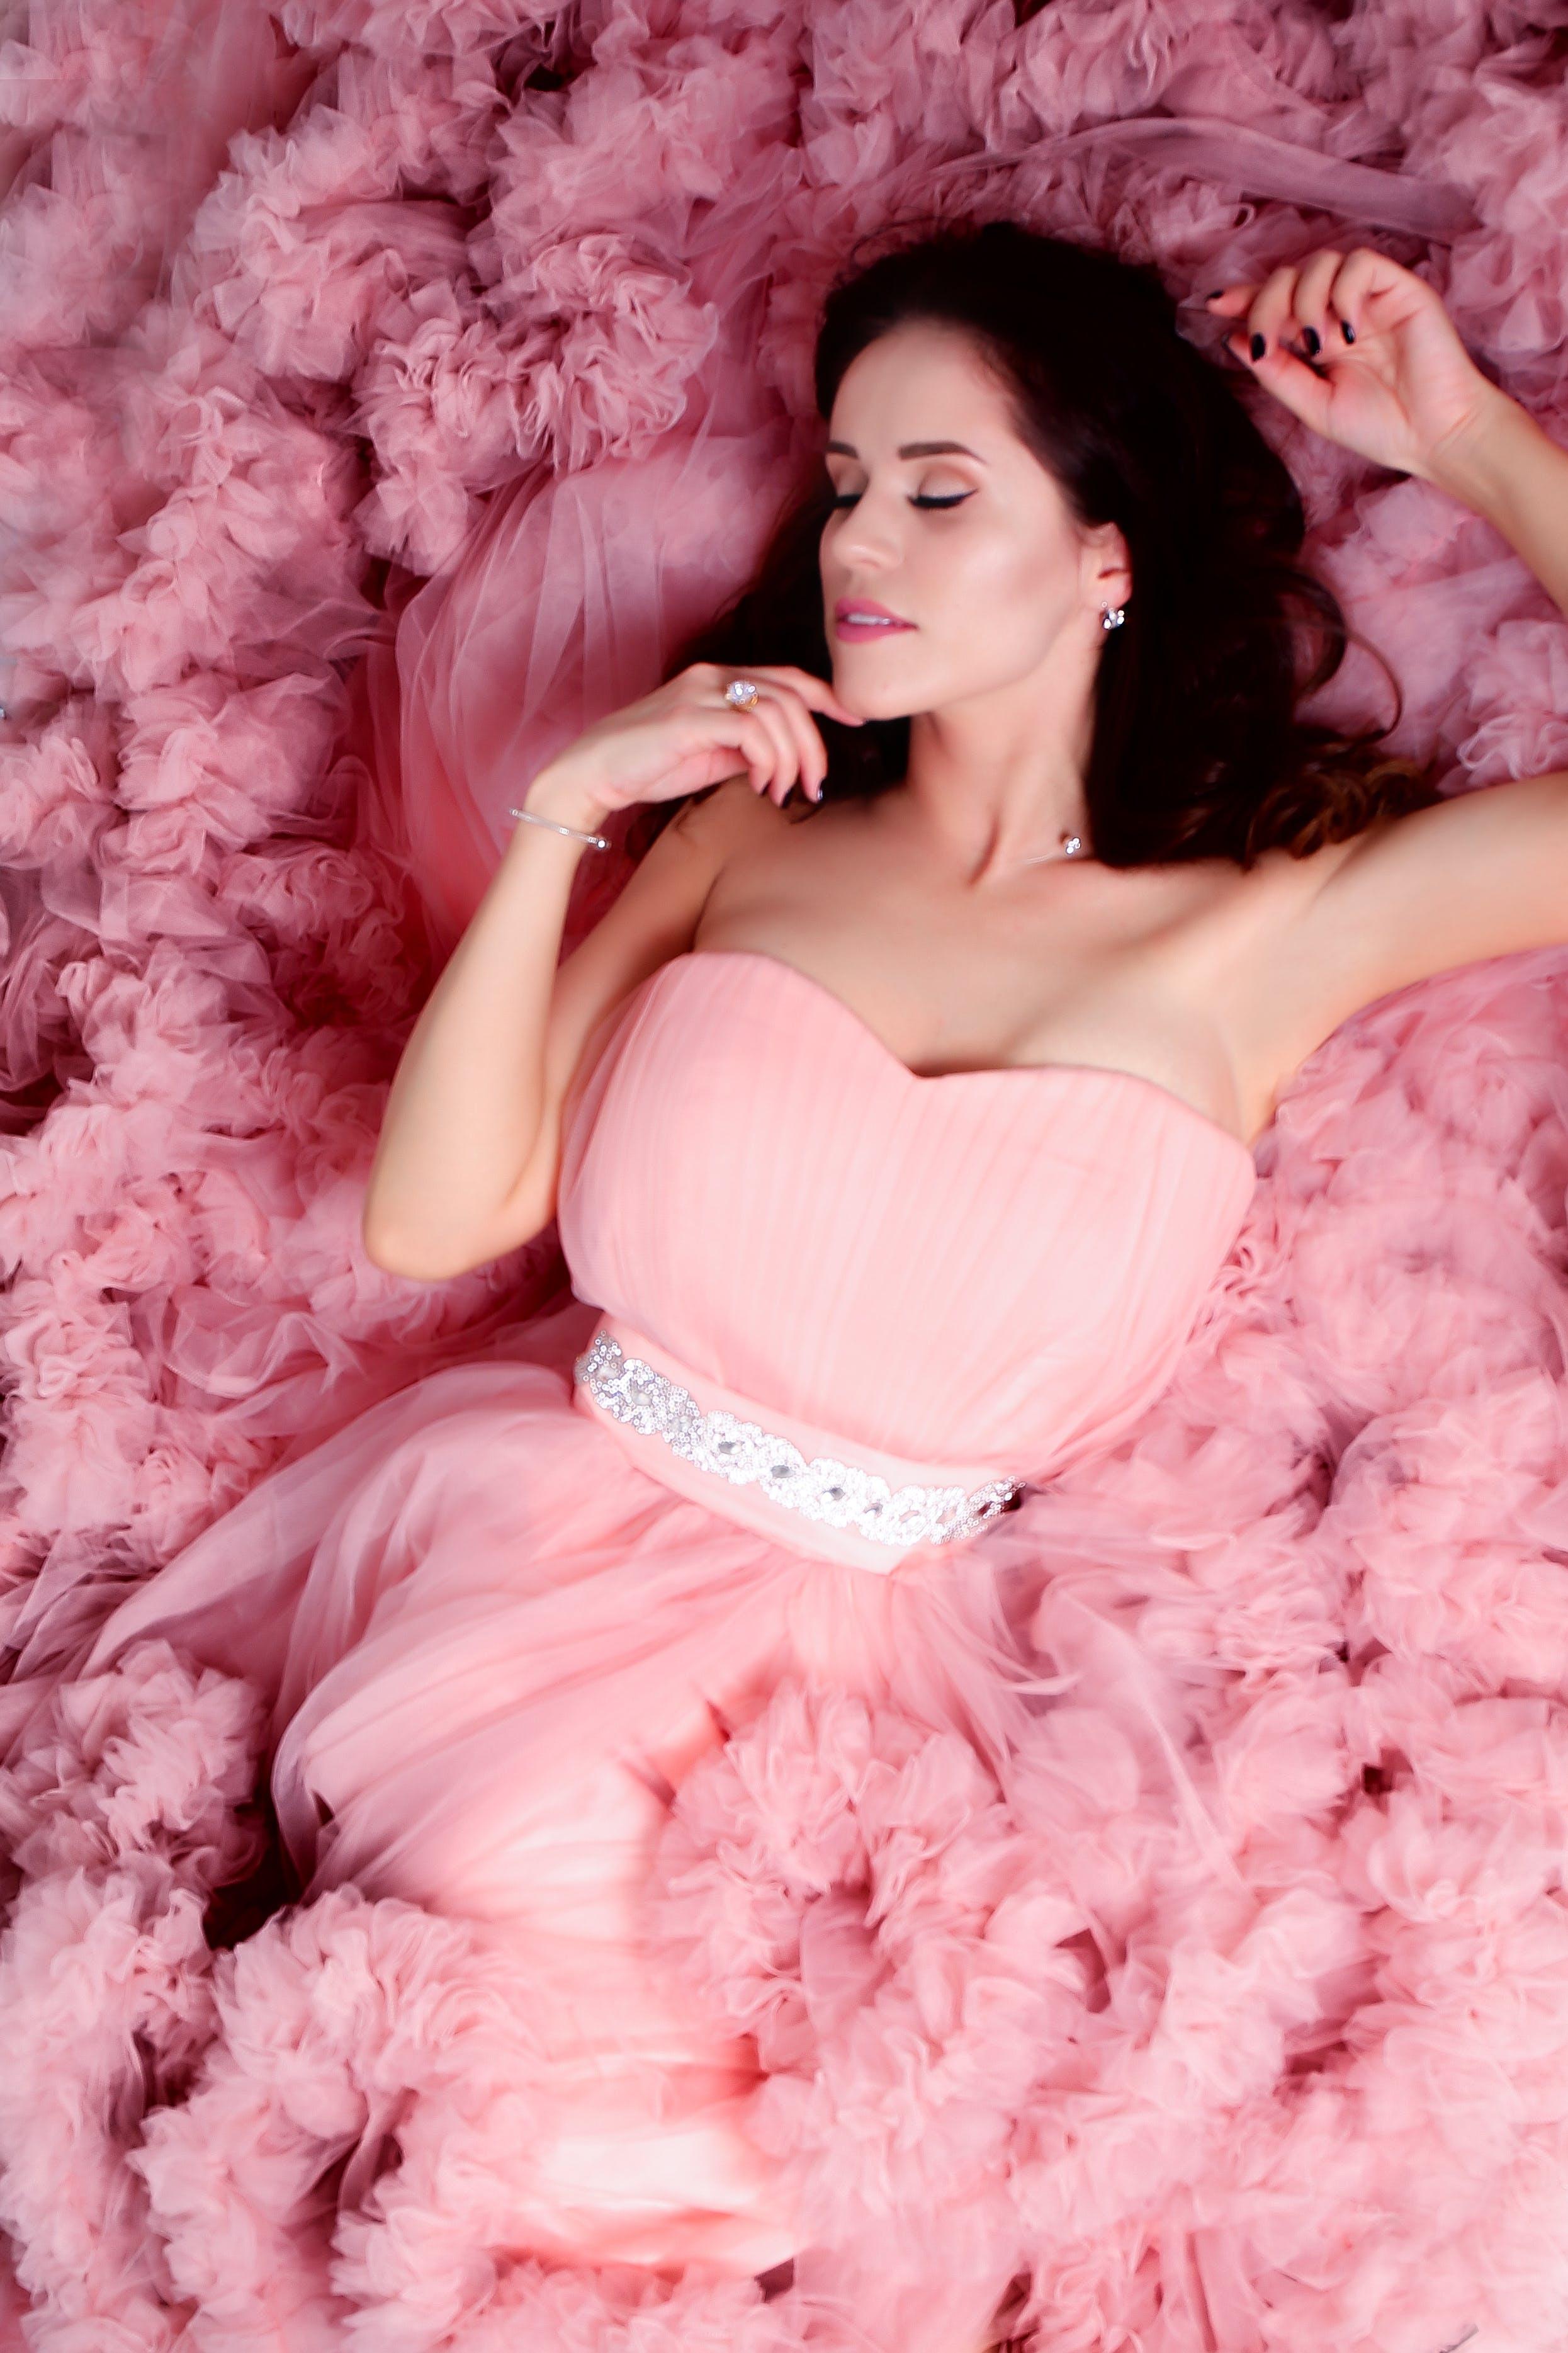 Lying Woman Wearing Pink Sweetheart Neckline Dress